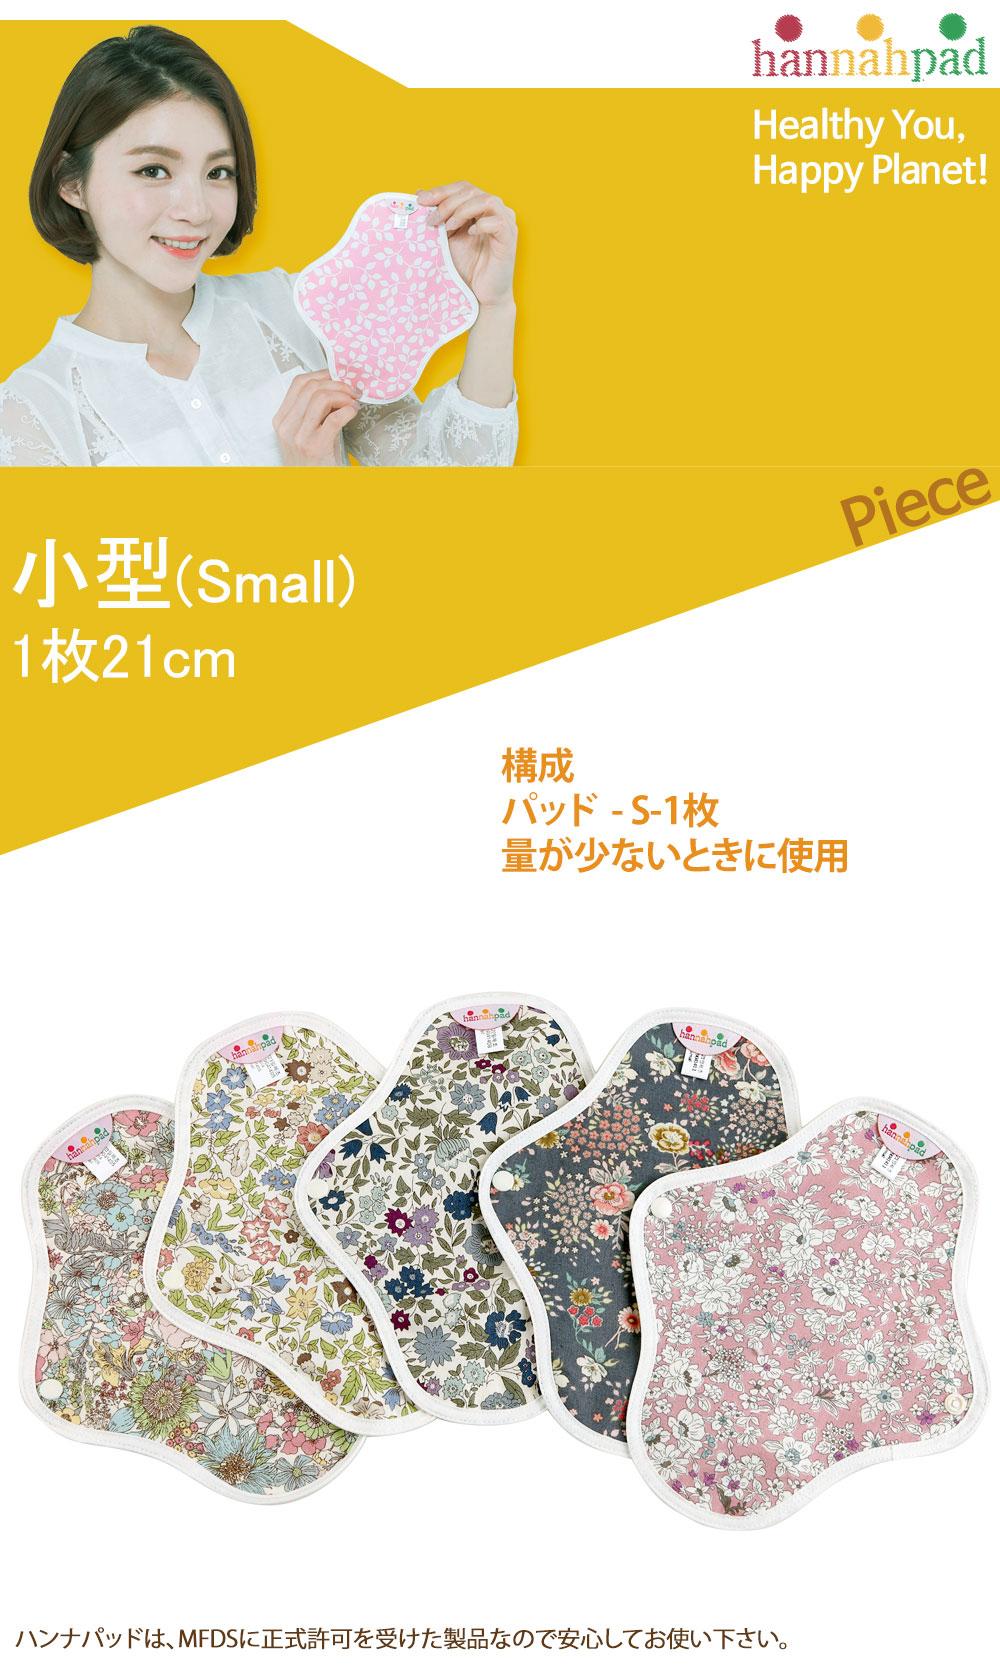 布ナプキン おりも の Small 21Cm(厚さ:厚手)オーガニック布ナプキン 生理用品 有機栽培綿 月経布 布ナプキン オー ガニックコットン